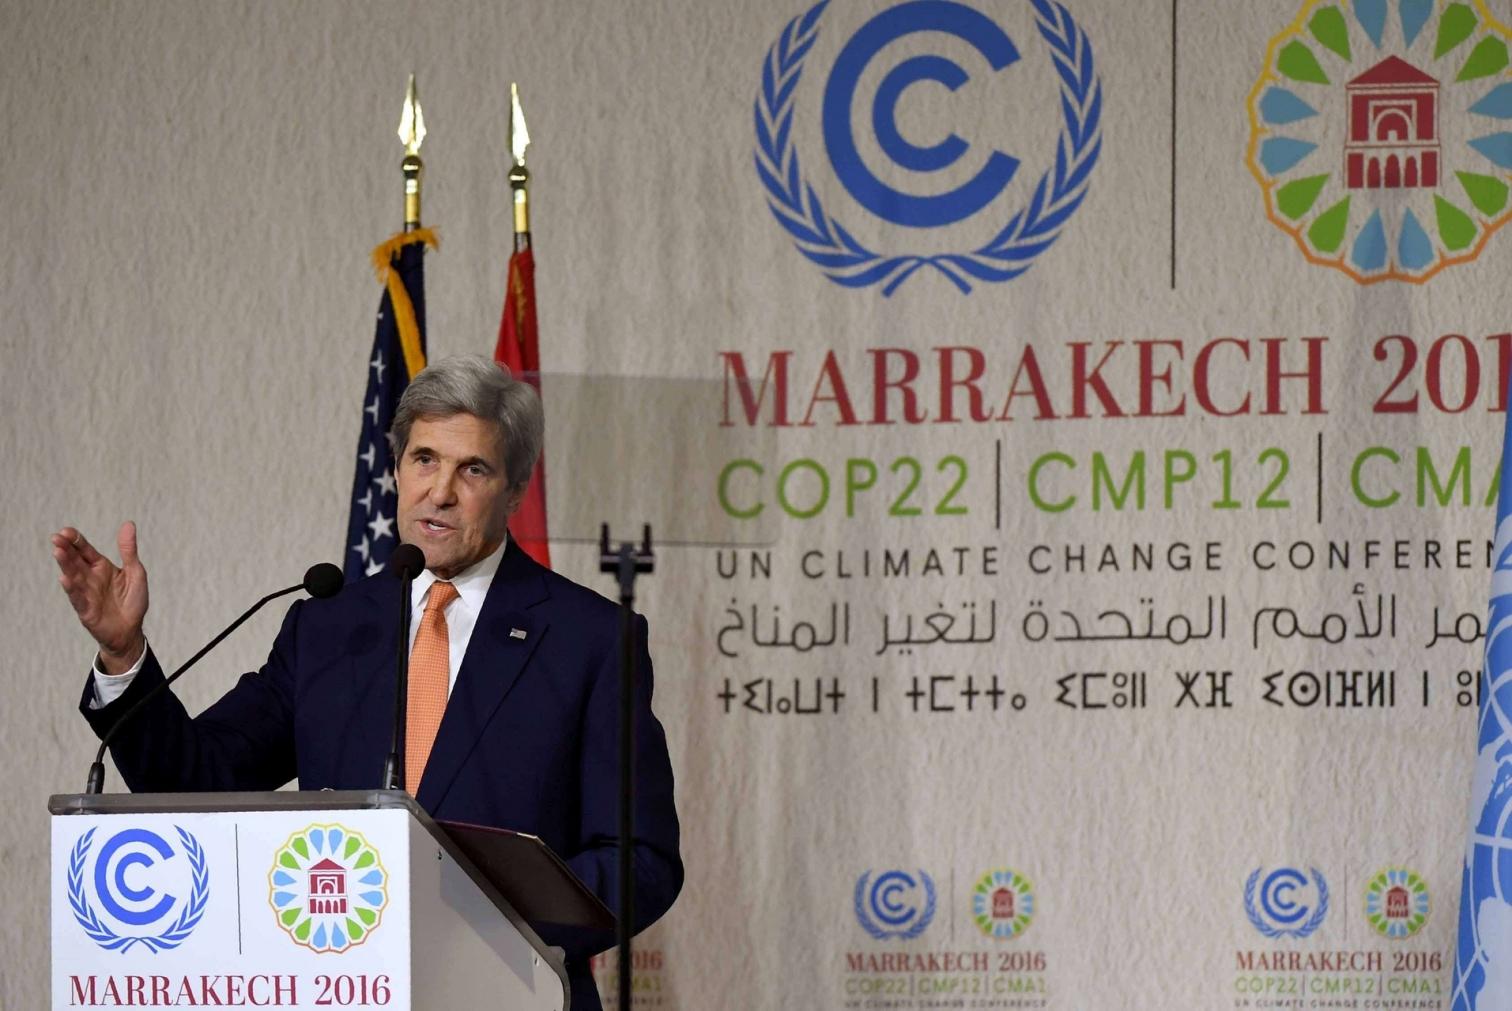 L'intervento del segretario di Stato americano John Kerry (LaPresse).jpg